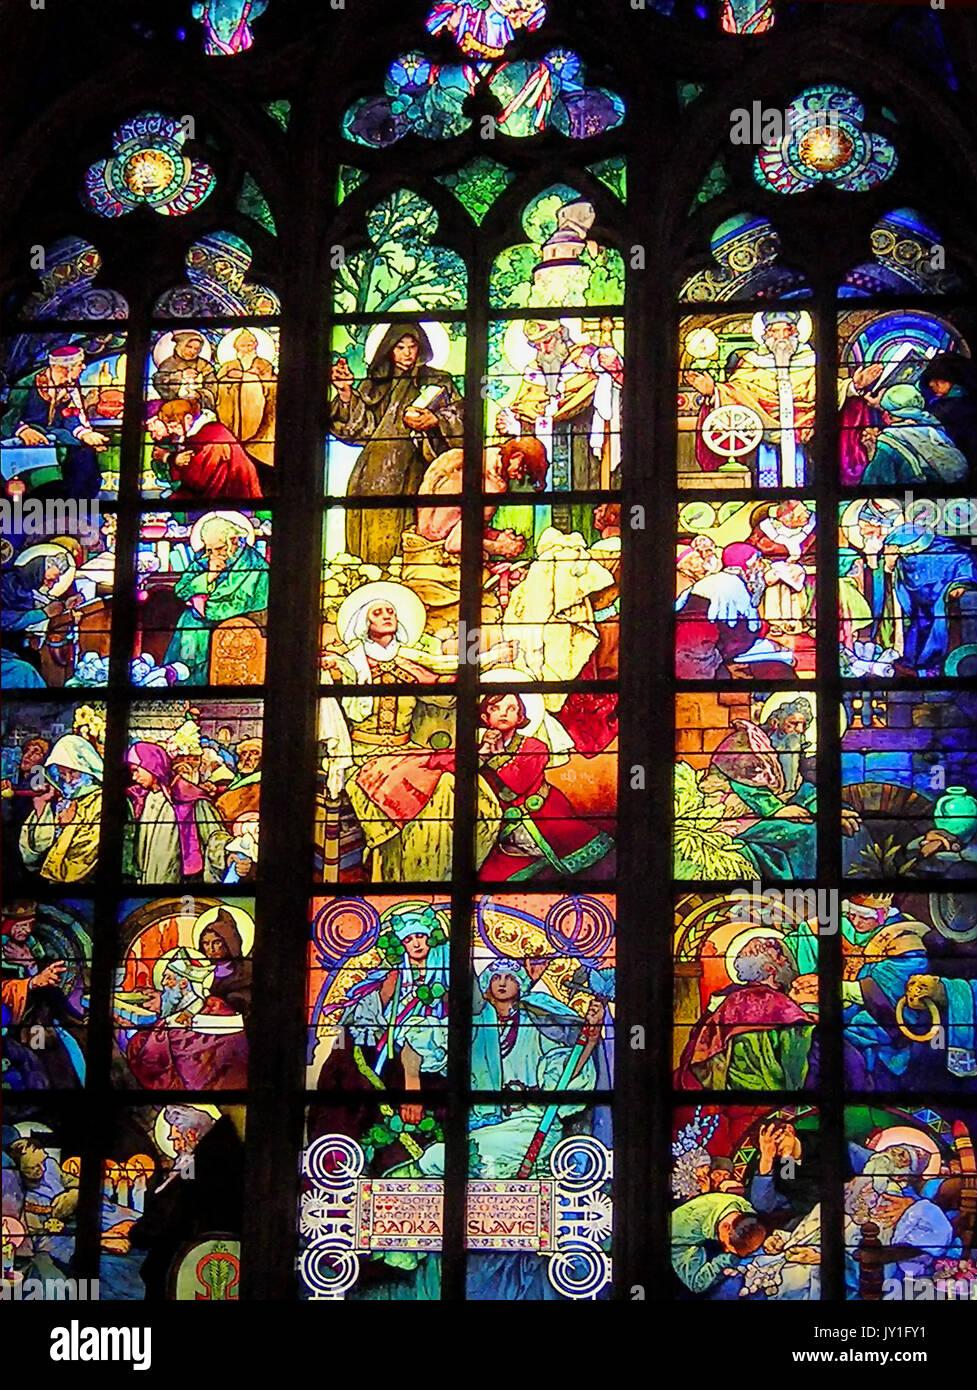 Vitrail Par Alfons Mucha Dans La Cathédrale Saint Guy De Prague Prague République Tchèque Photo Stock Alamy